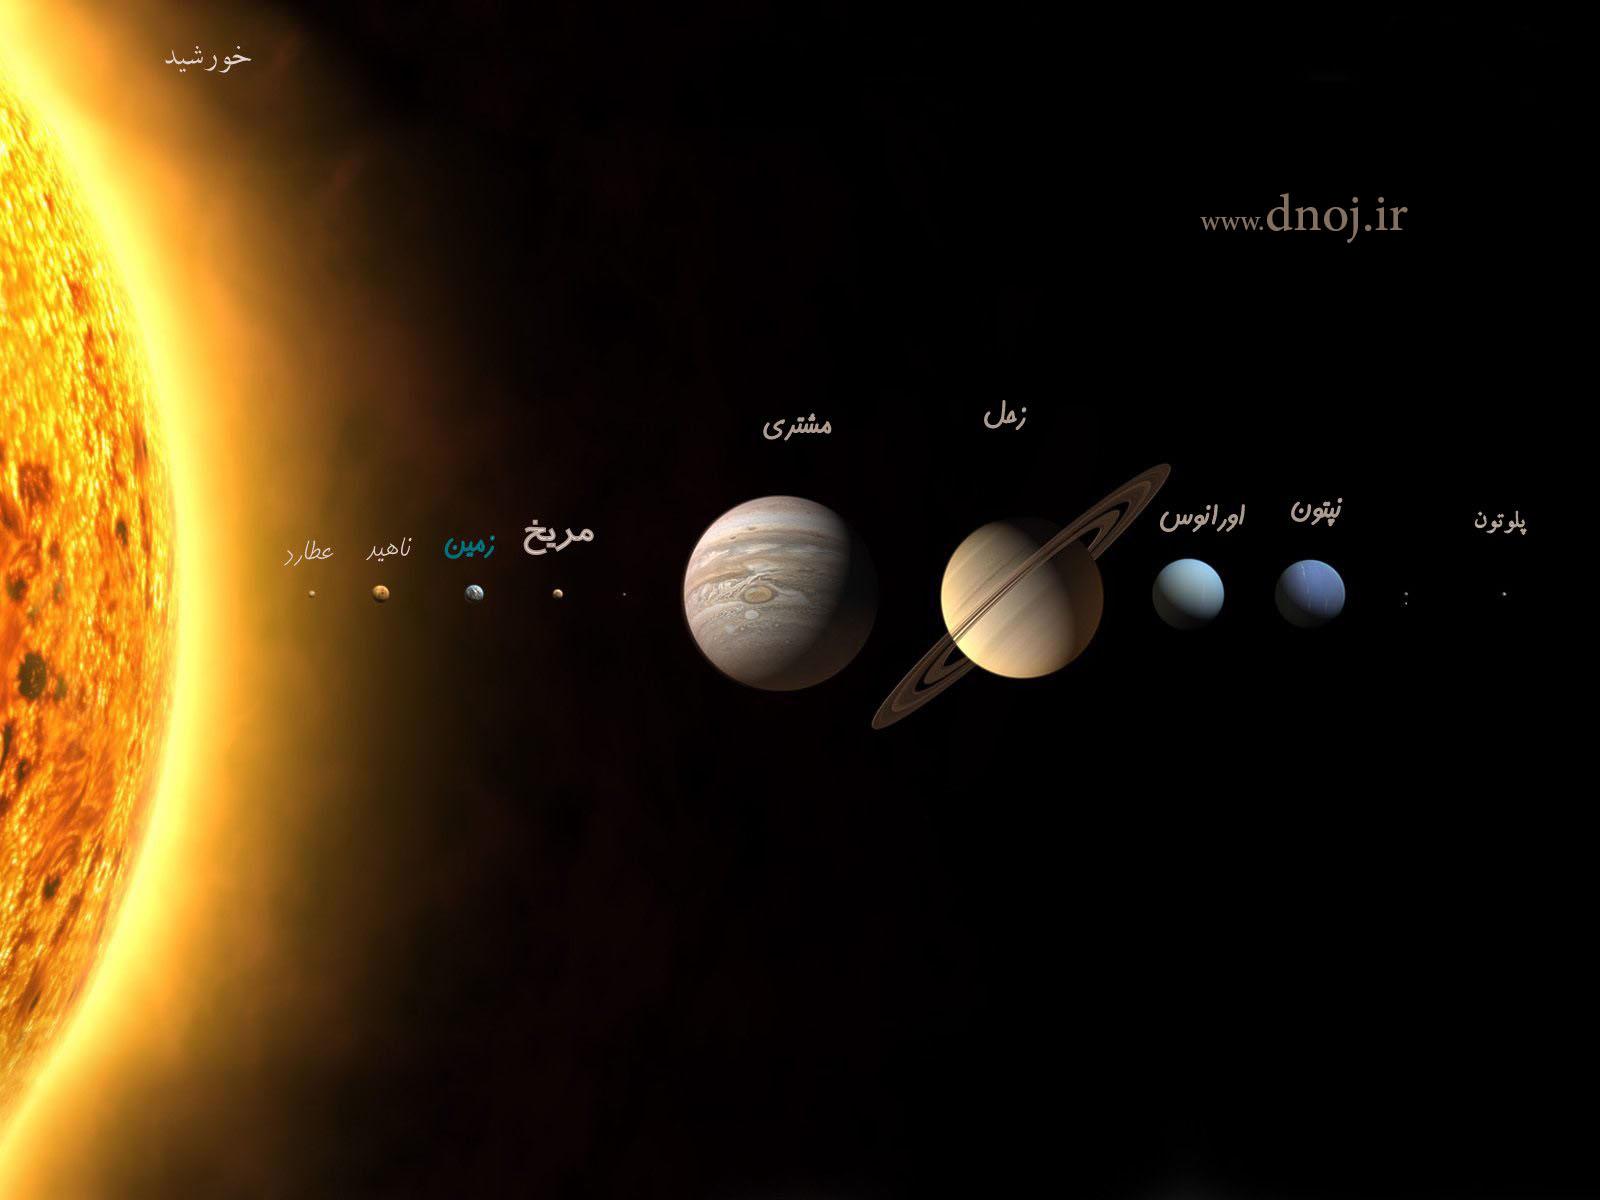 سیاره های منظومه شمسی به ترتیب